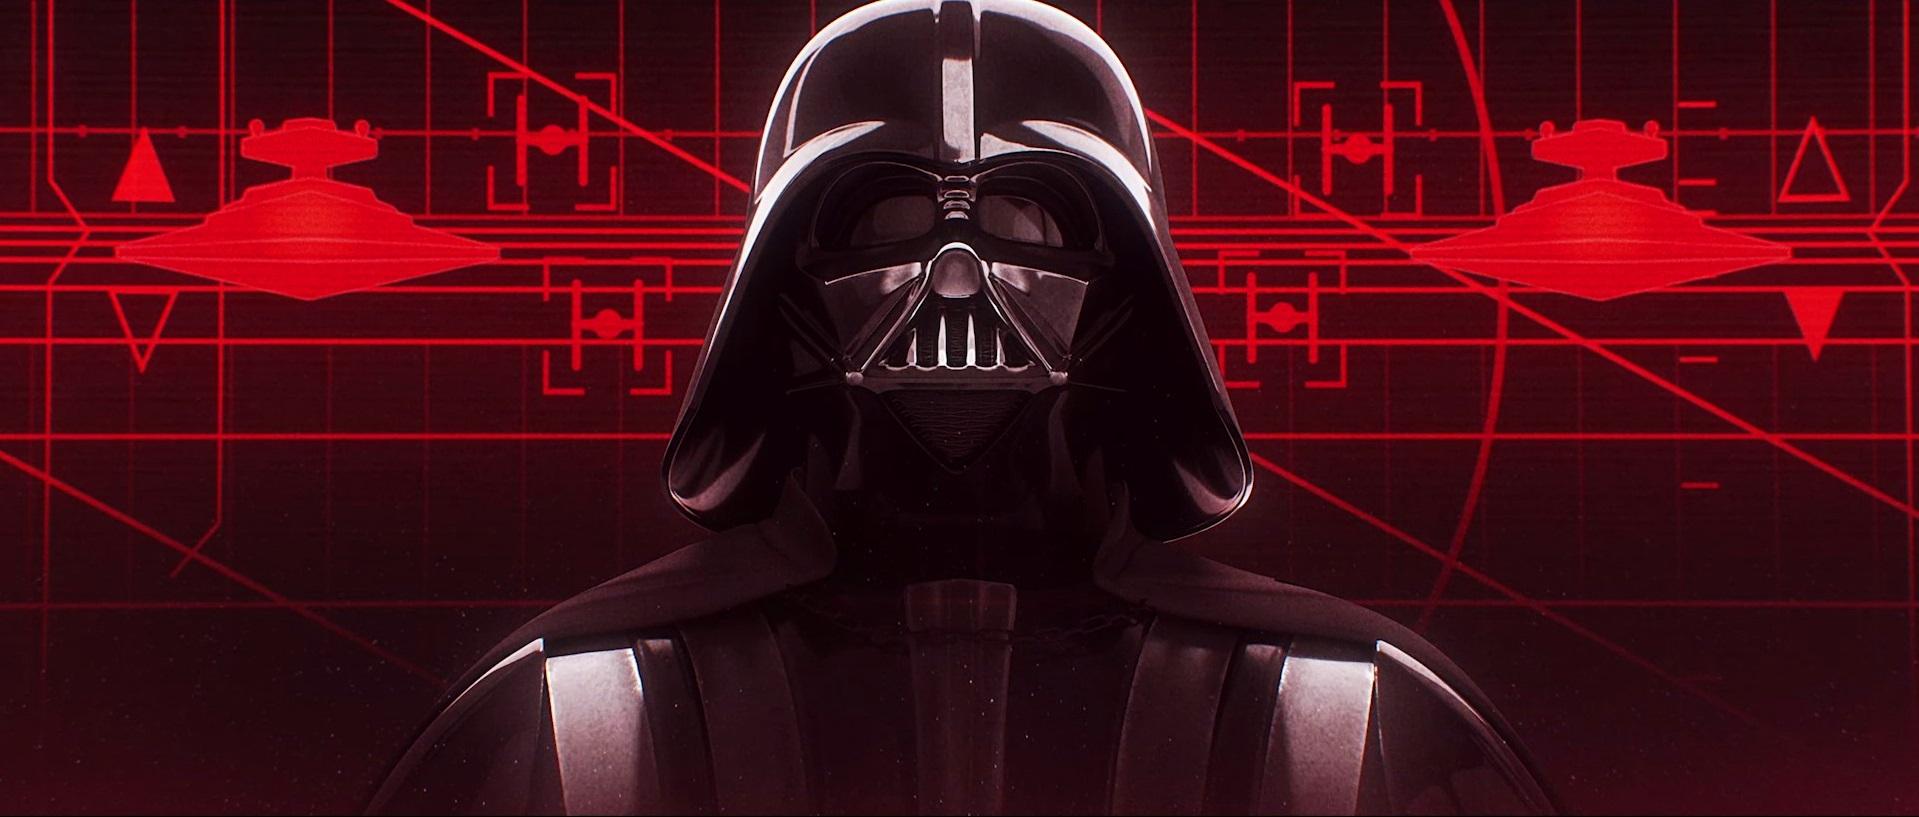 Асы далекой галактики Обзор Star Wars Squadrons